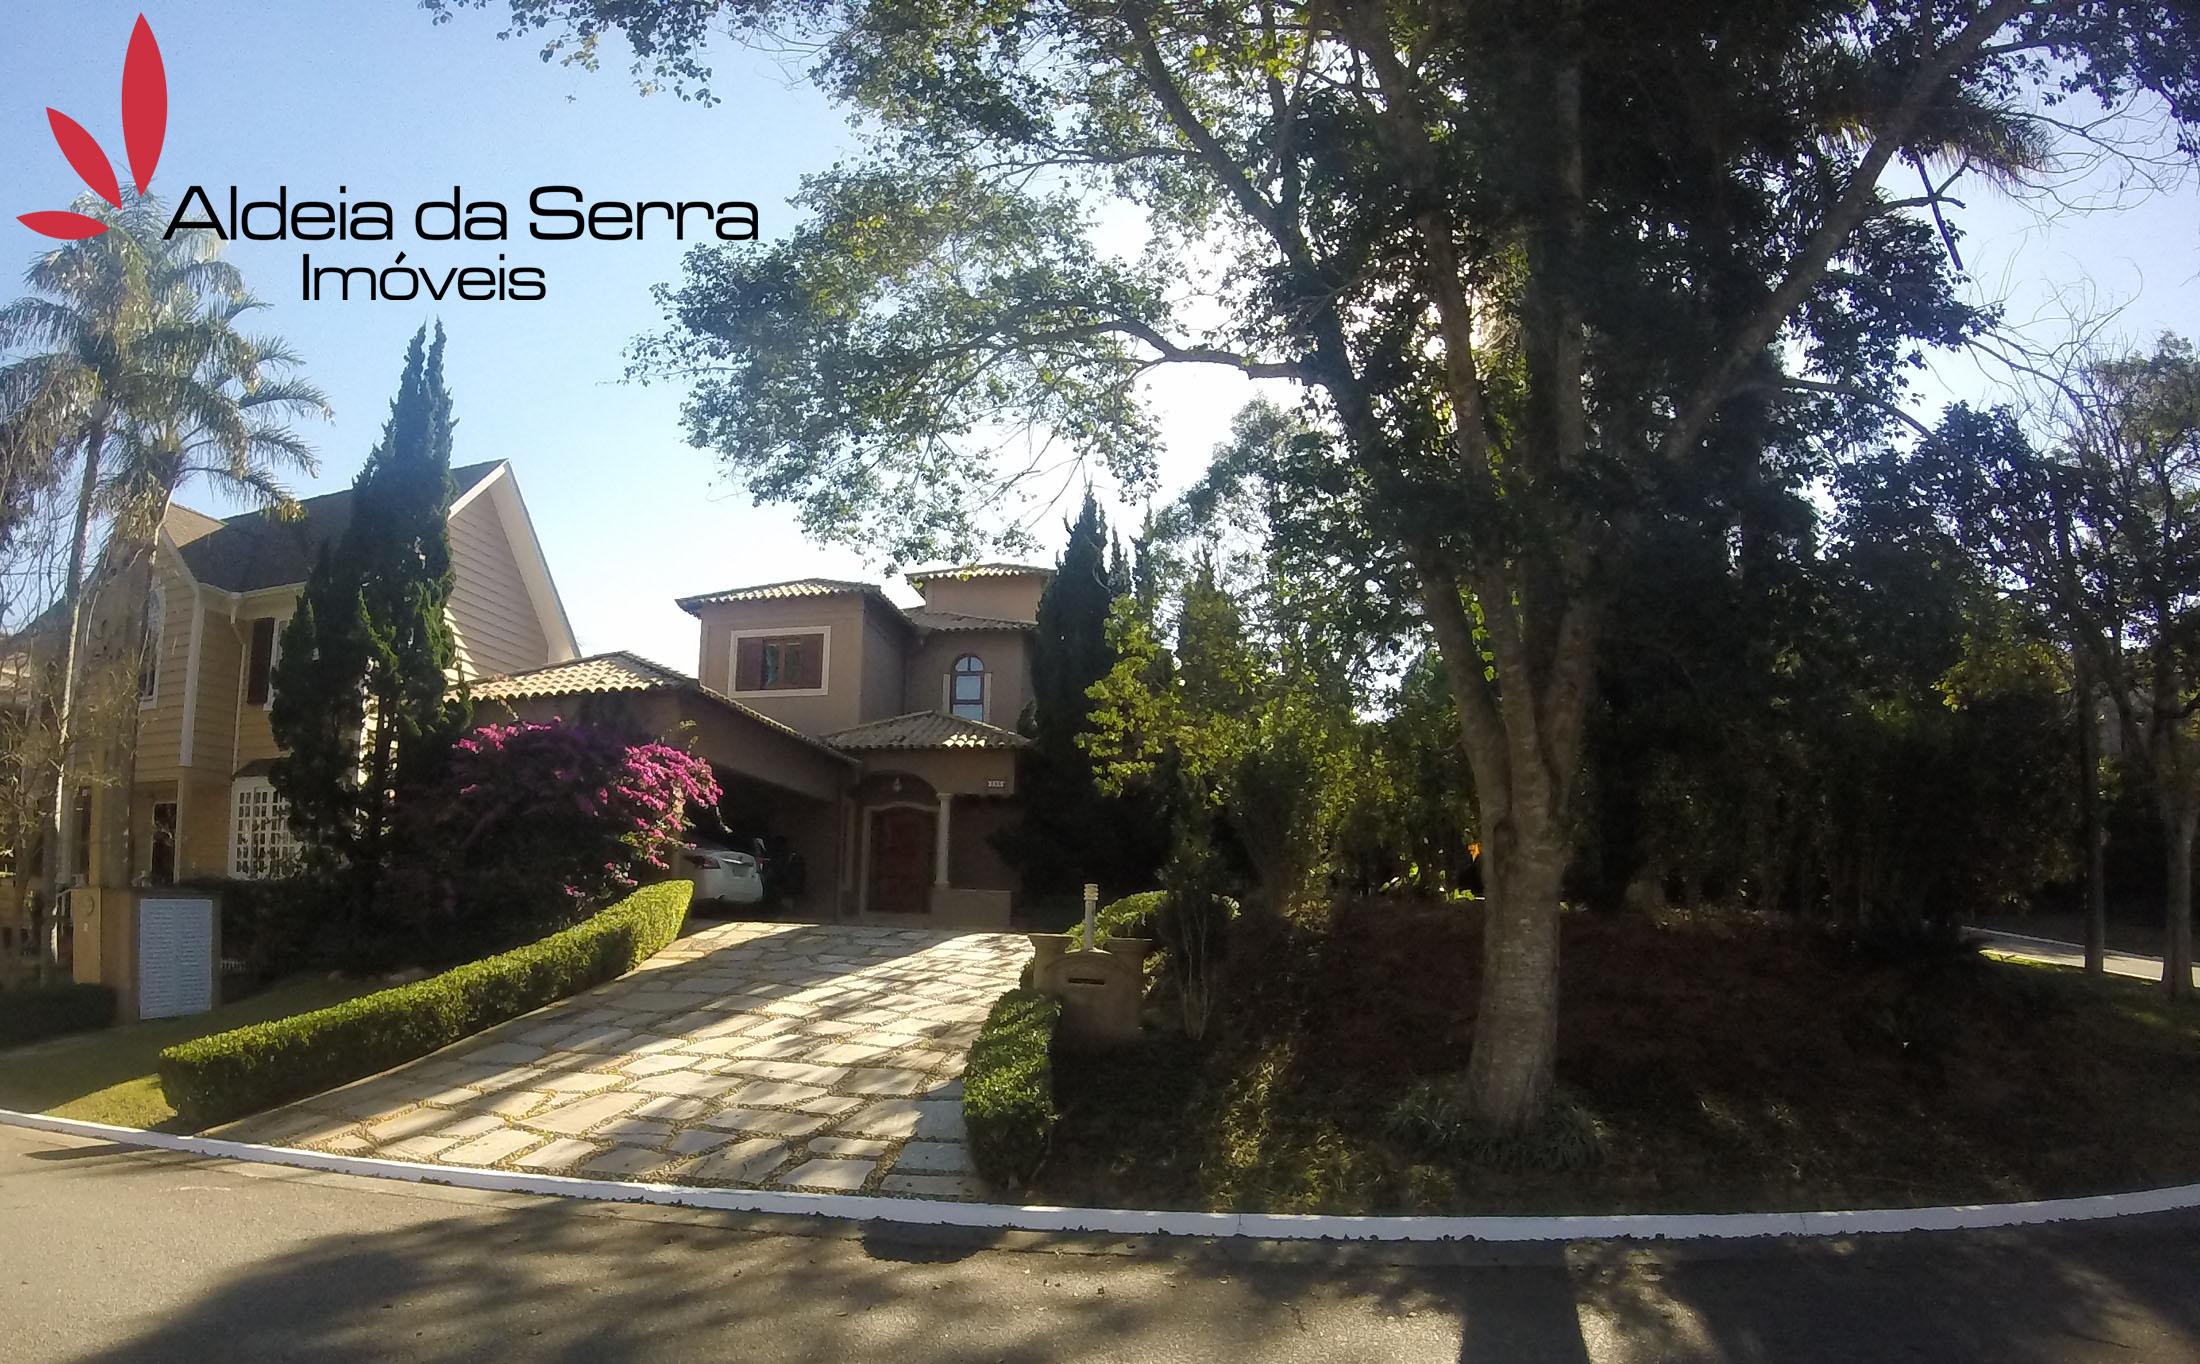 /admin/imoveis/fotos/imagem19(1).jpgLocação - Residencial Morada das Estrelas (Aldeia da Serra) Aldeia da Serra Imoveis